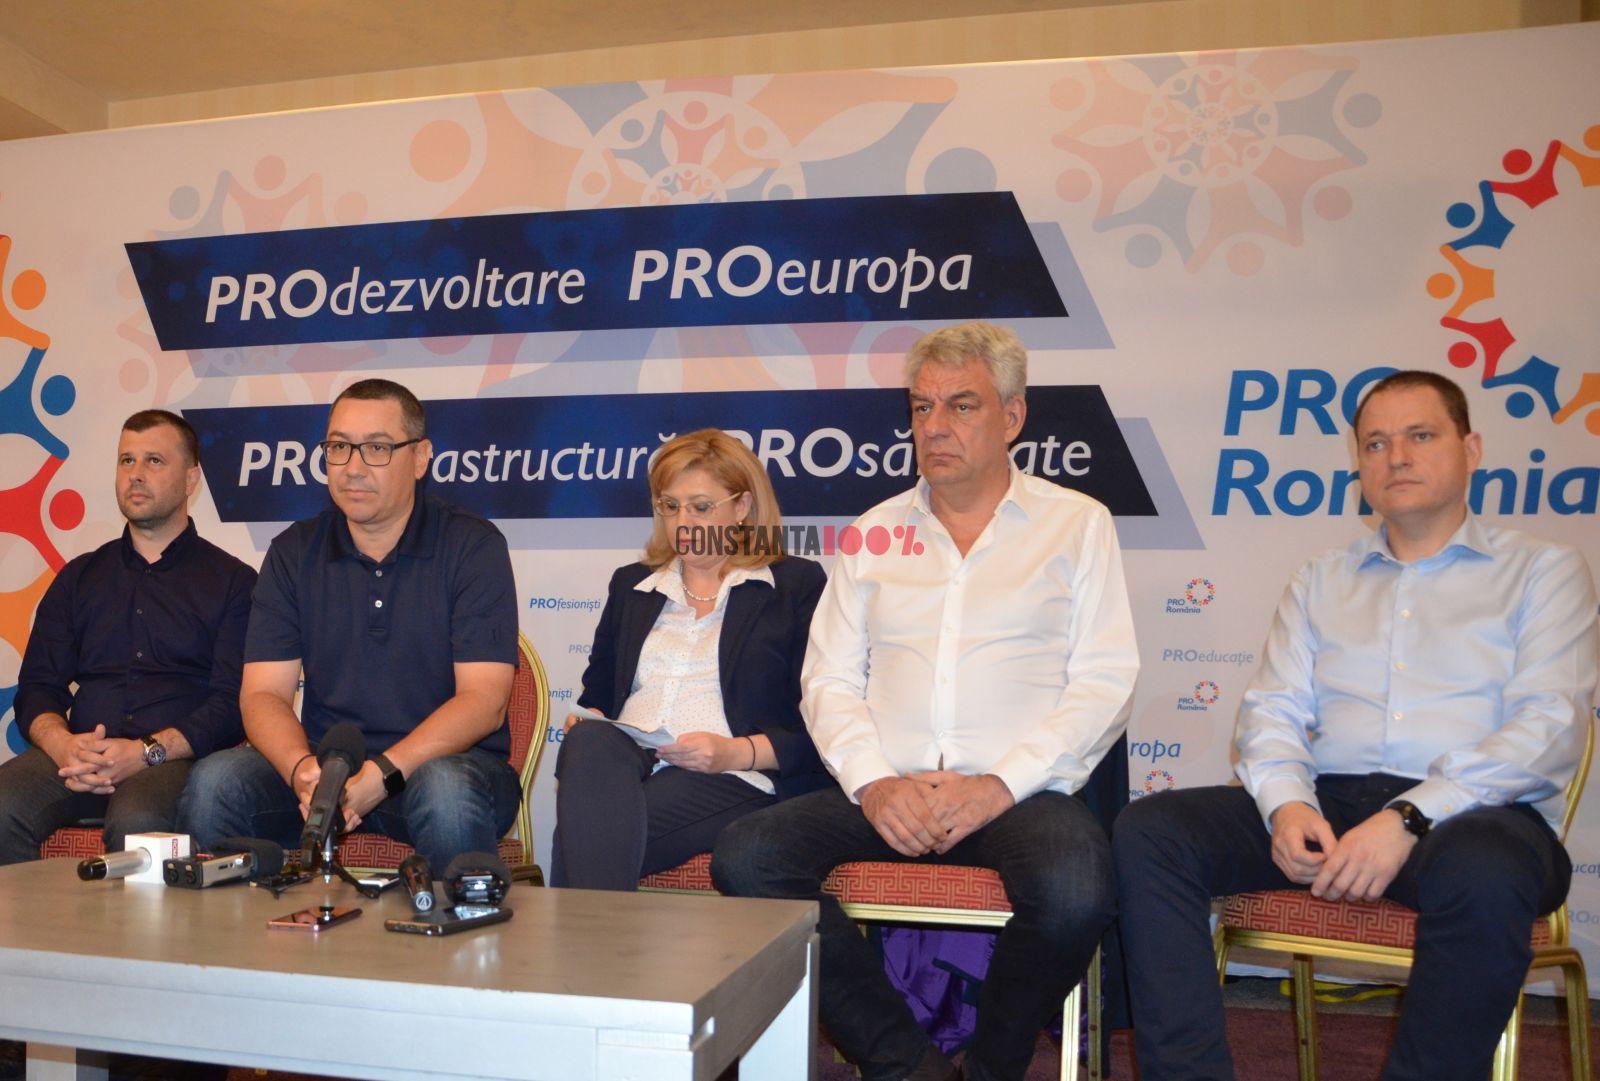 Victor Ponta în timpul unei conferințe de presă susținută în Constanța. Îi sunt alături o parte din colegii de atunci de la Pro România, printre care și constănțenii Răzvan Filipescu (stânga) și Mircea Titus Dobre (dreapta)